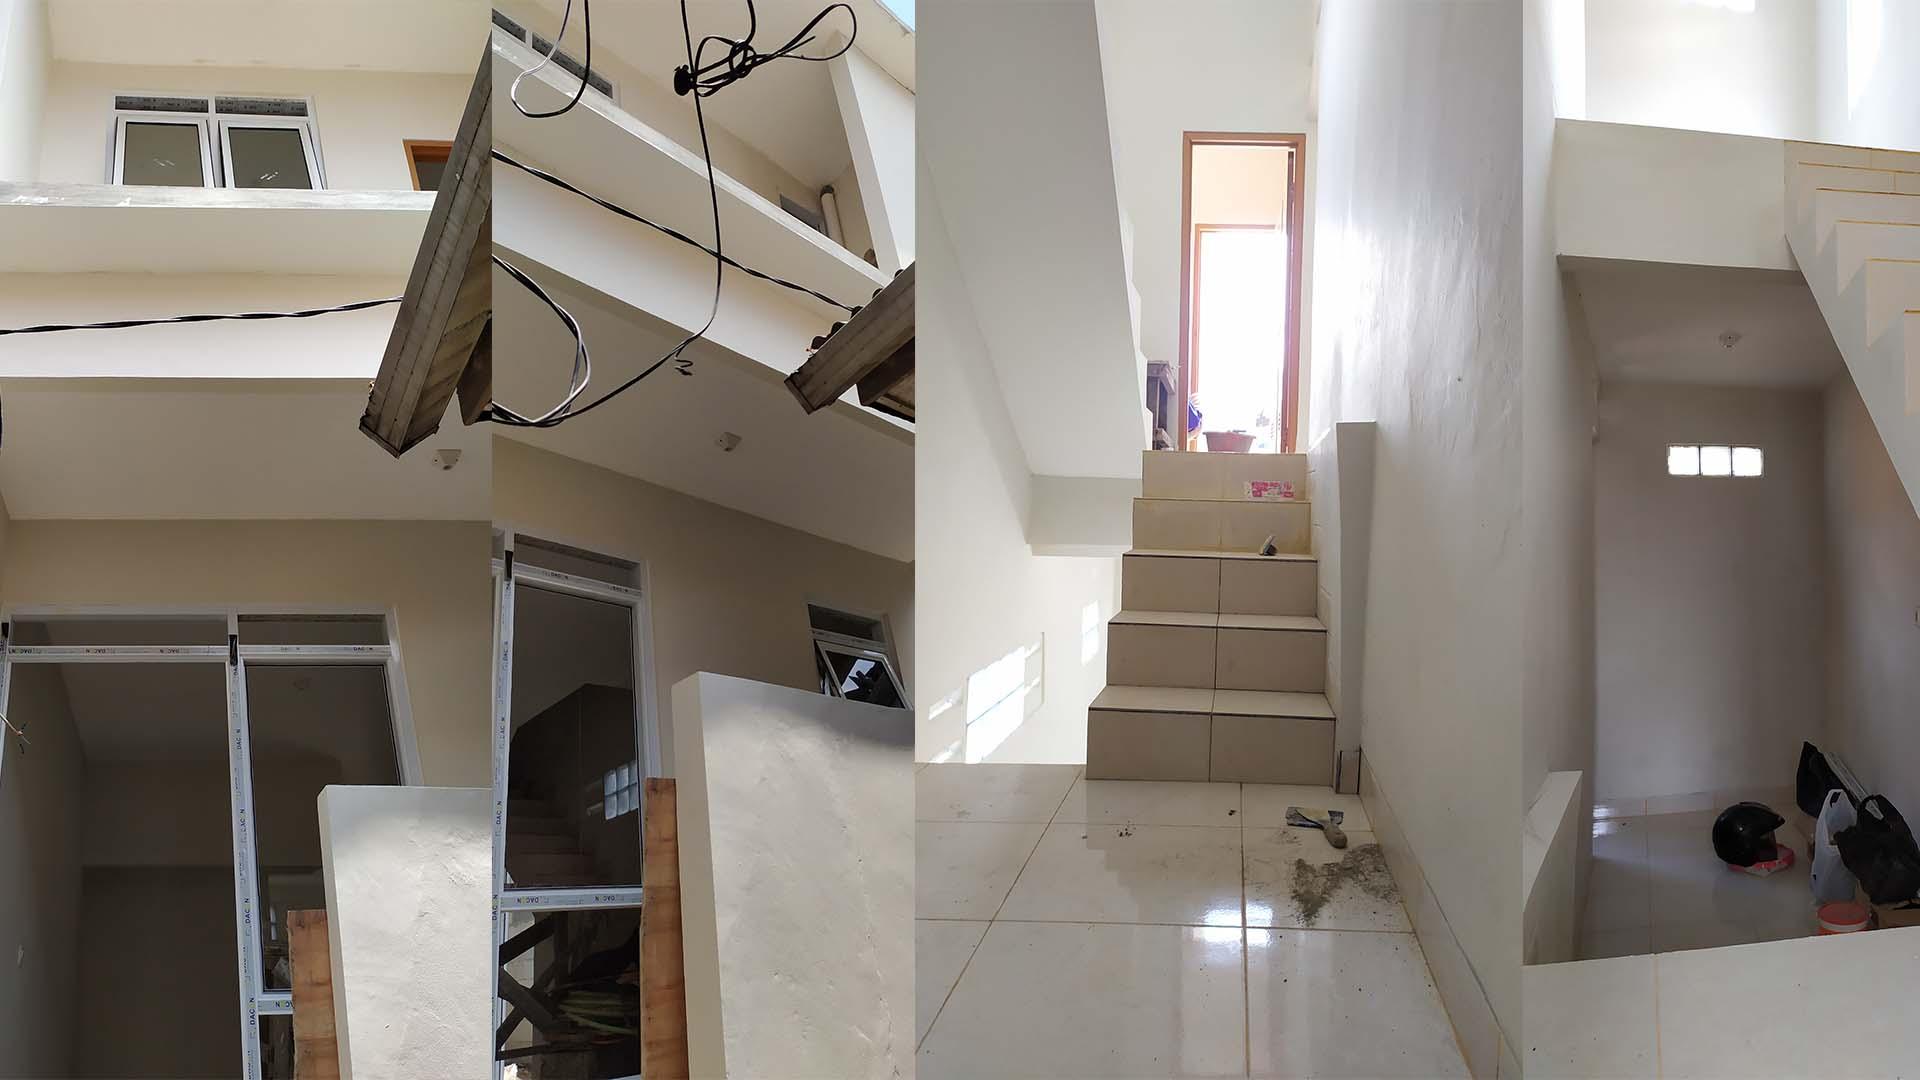 Bangun Rumah di Lahan Lebar 3,5 meter